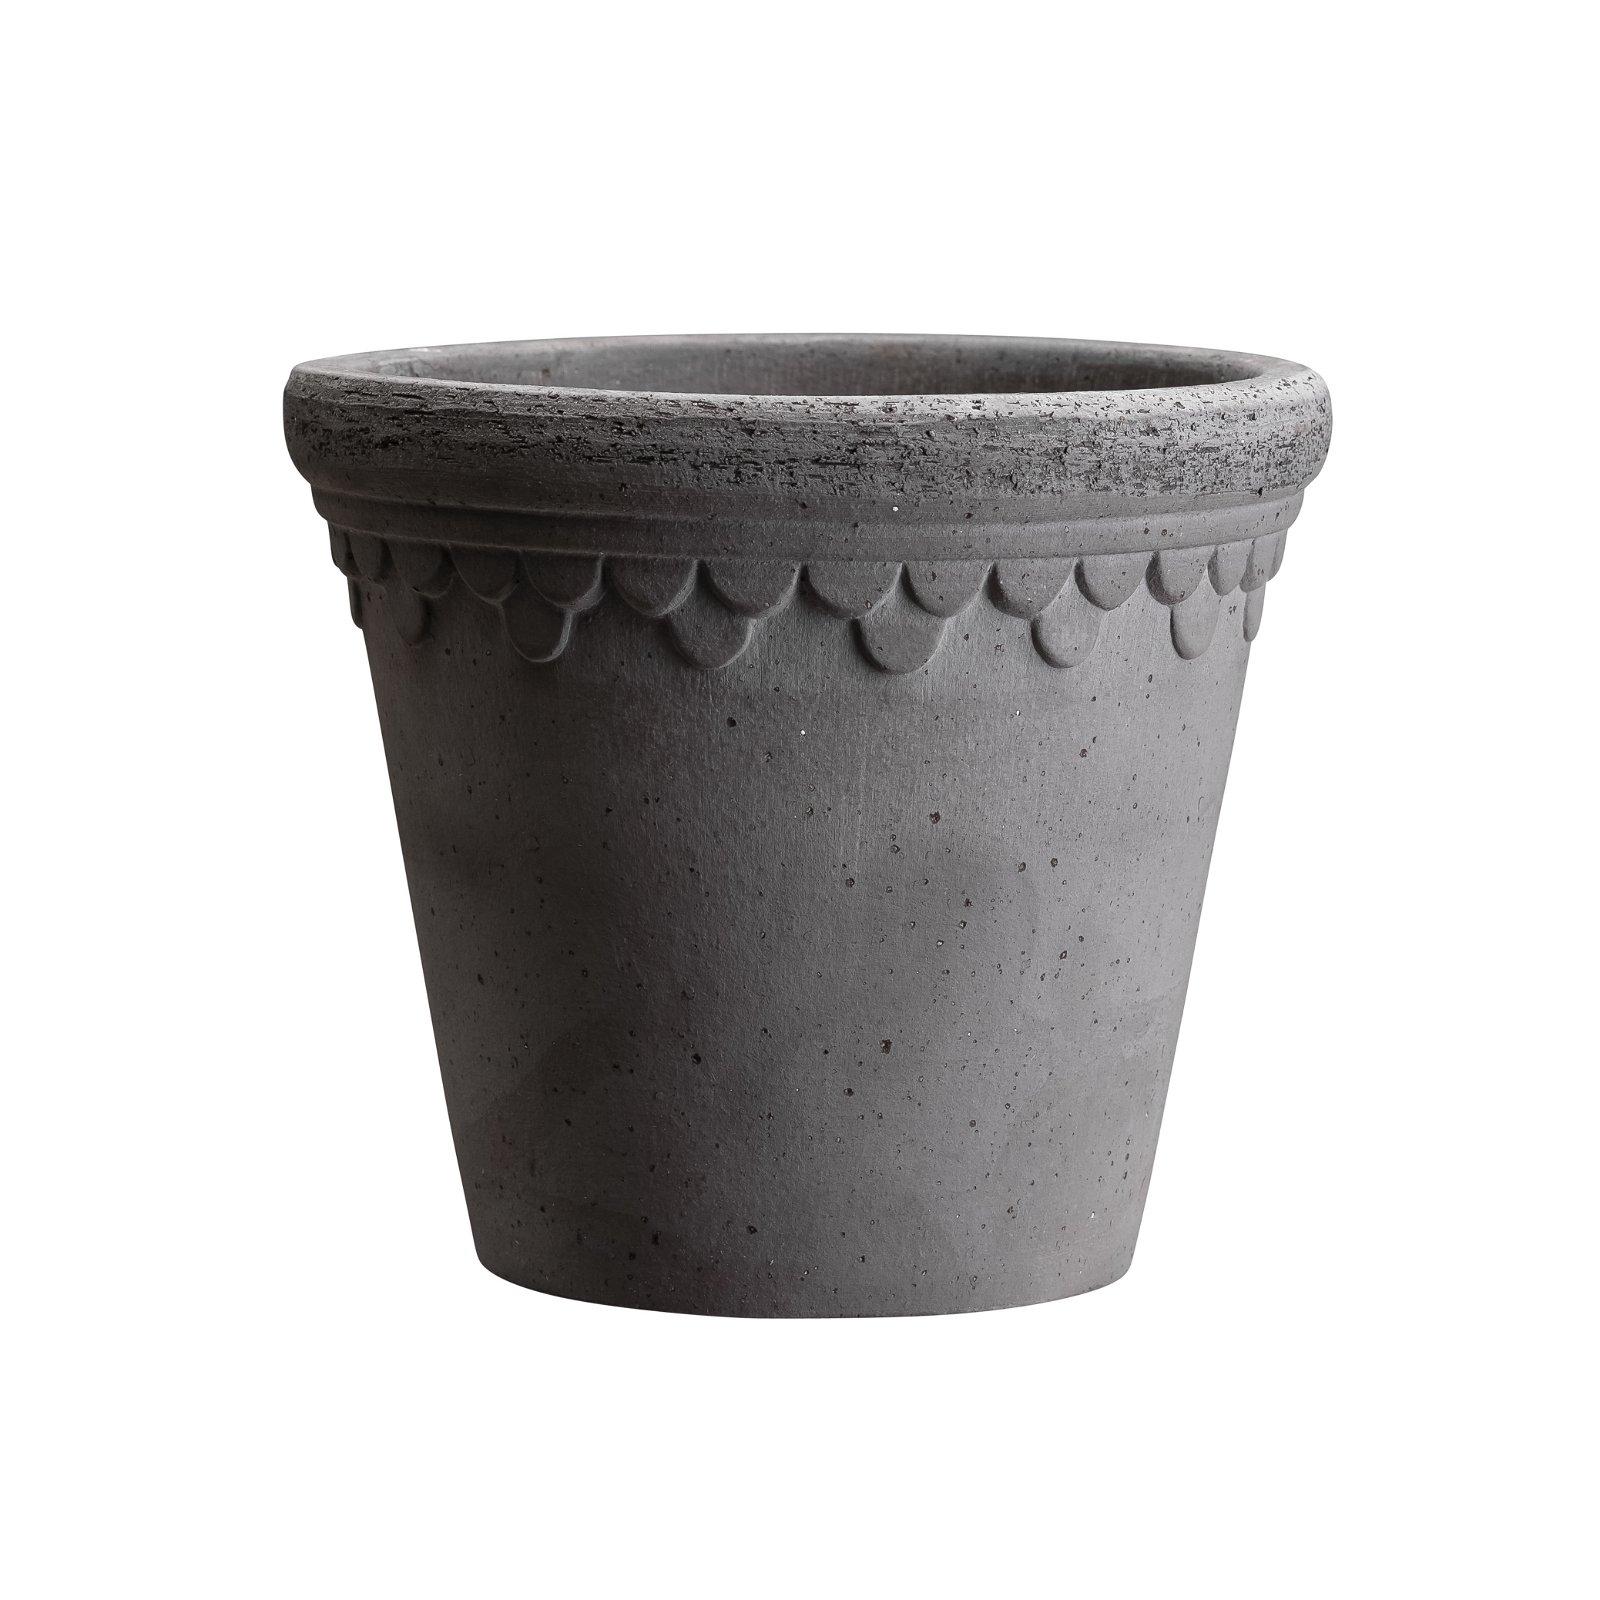 Bergs Potter, Københavner Grå, 35 cm, Potte